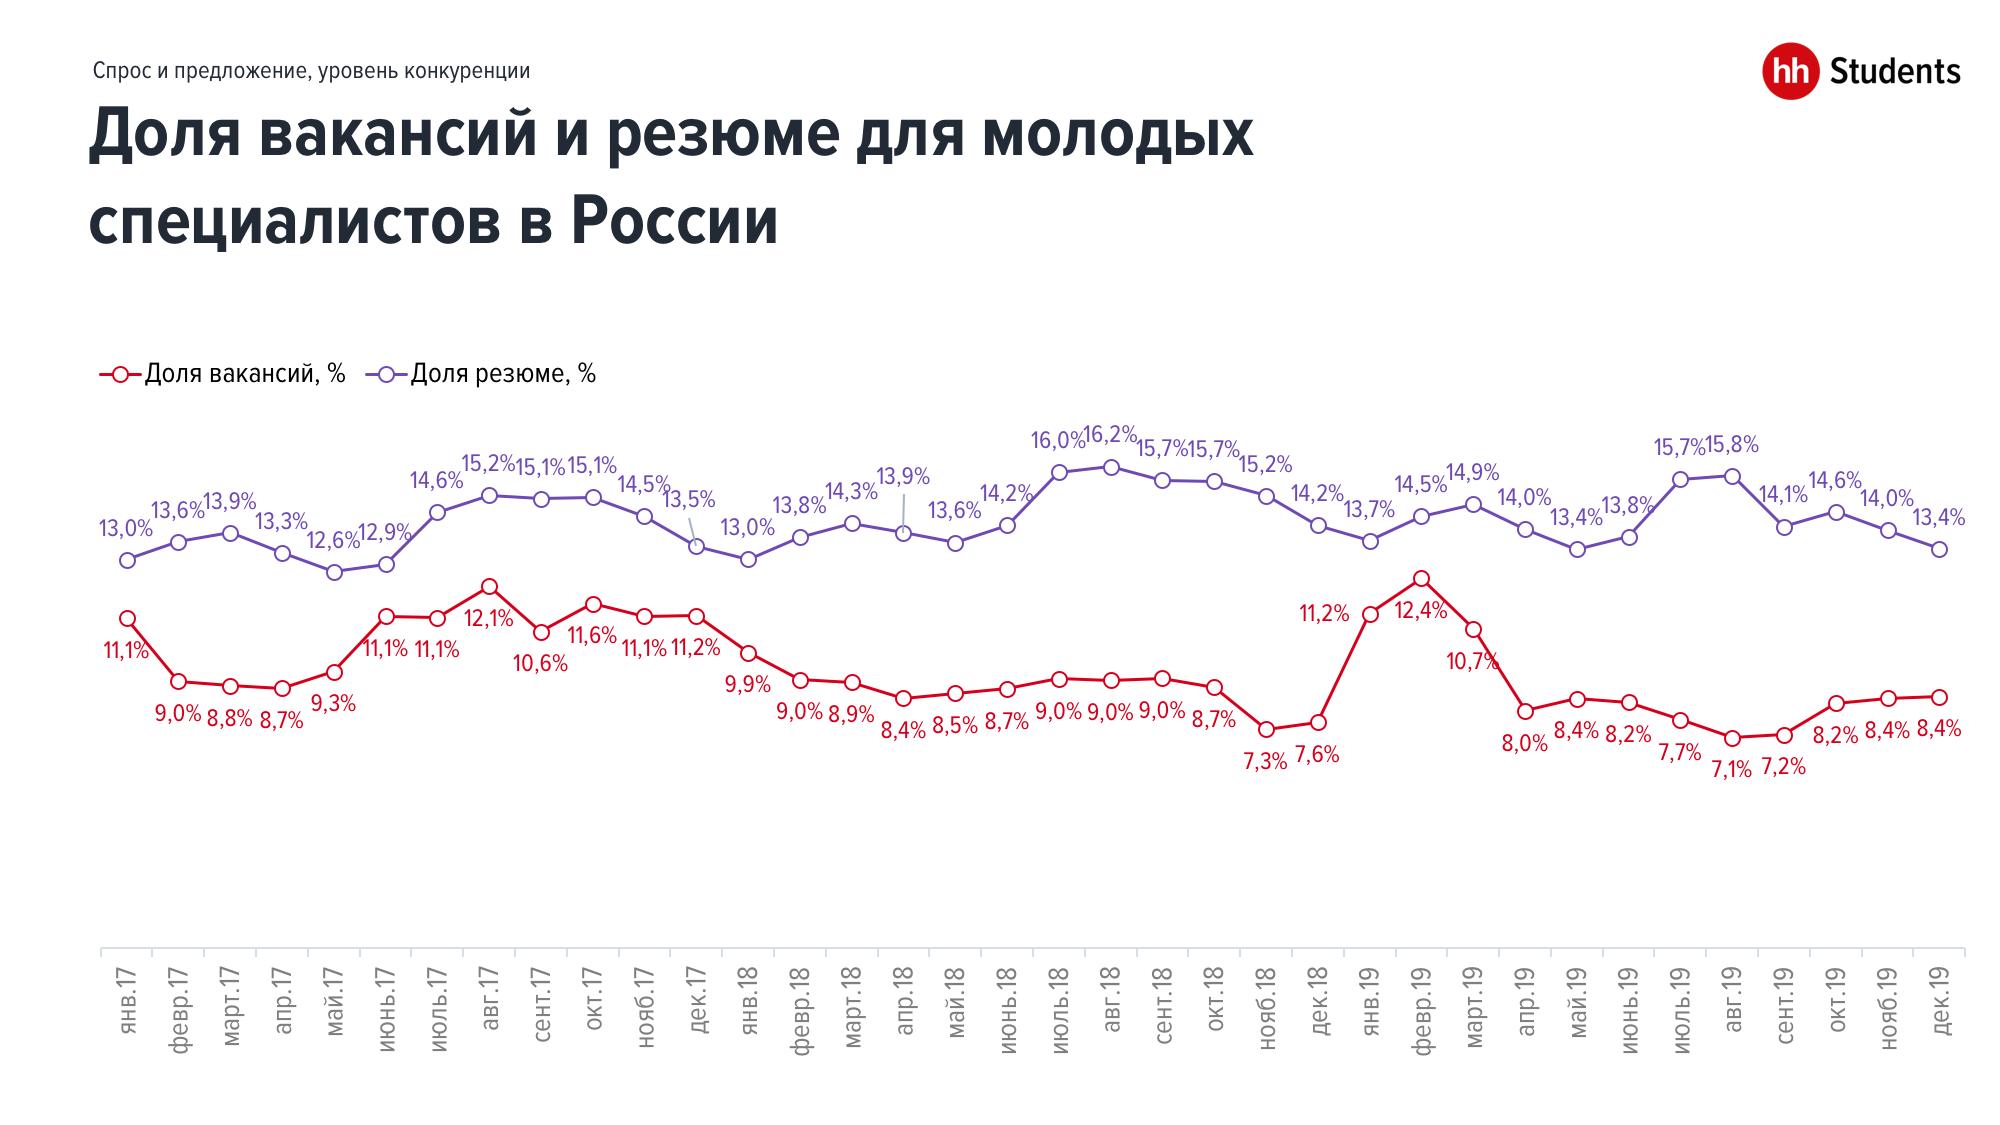 Лучшие регионы России для старта карьеры